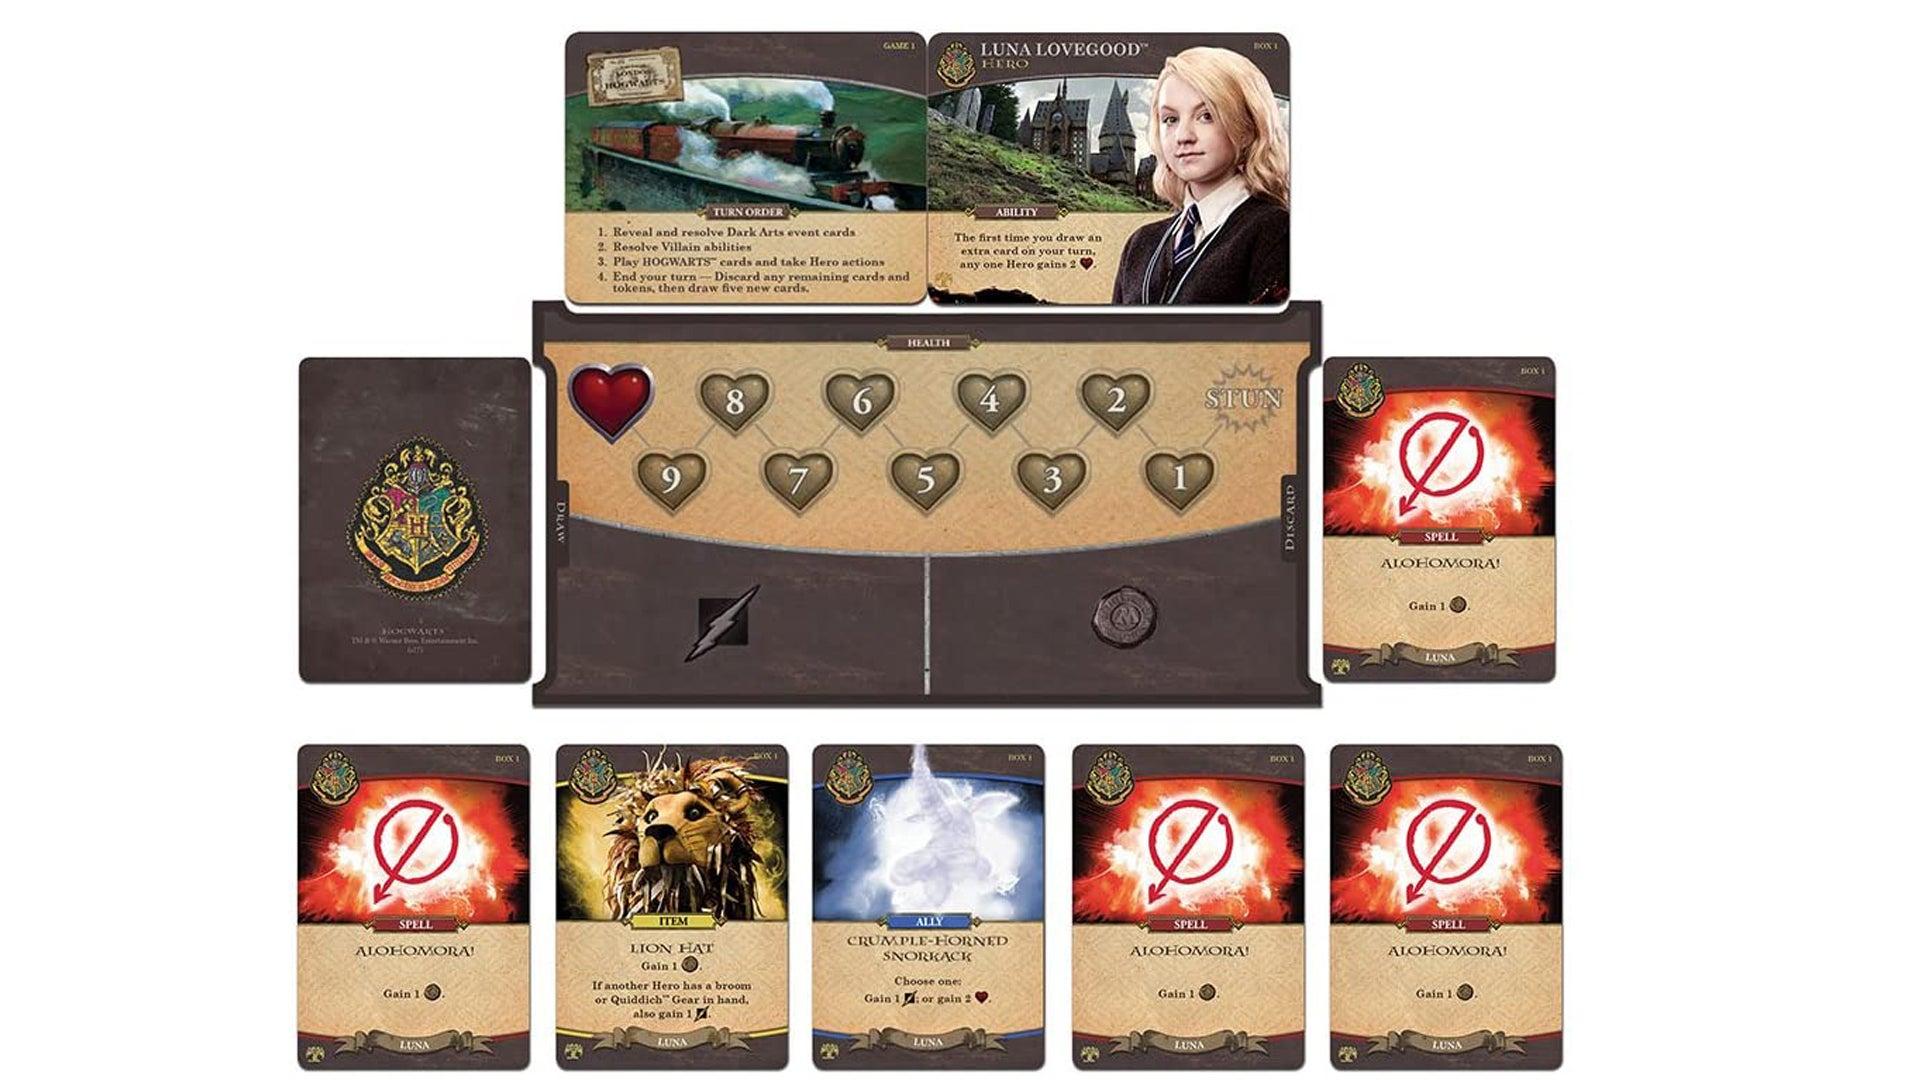 Harry Potter: Hogwarts Battle board game Luna